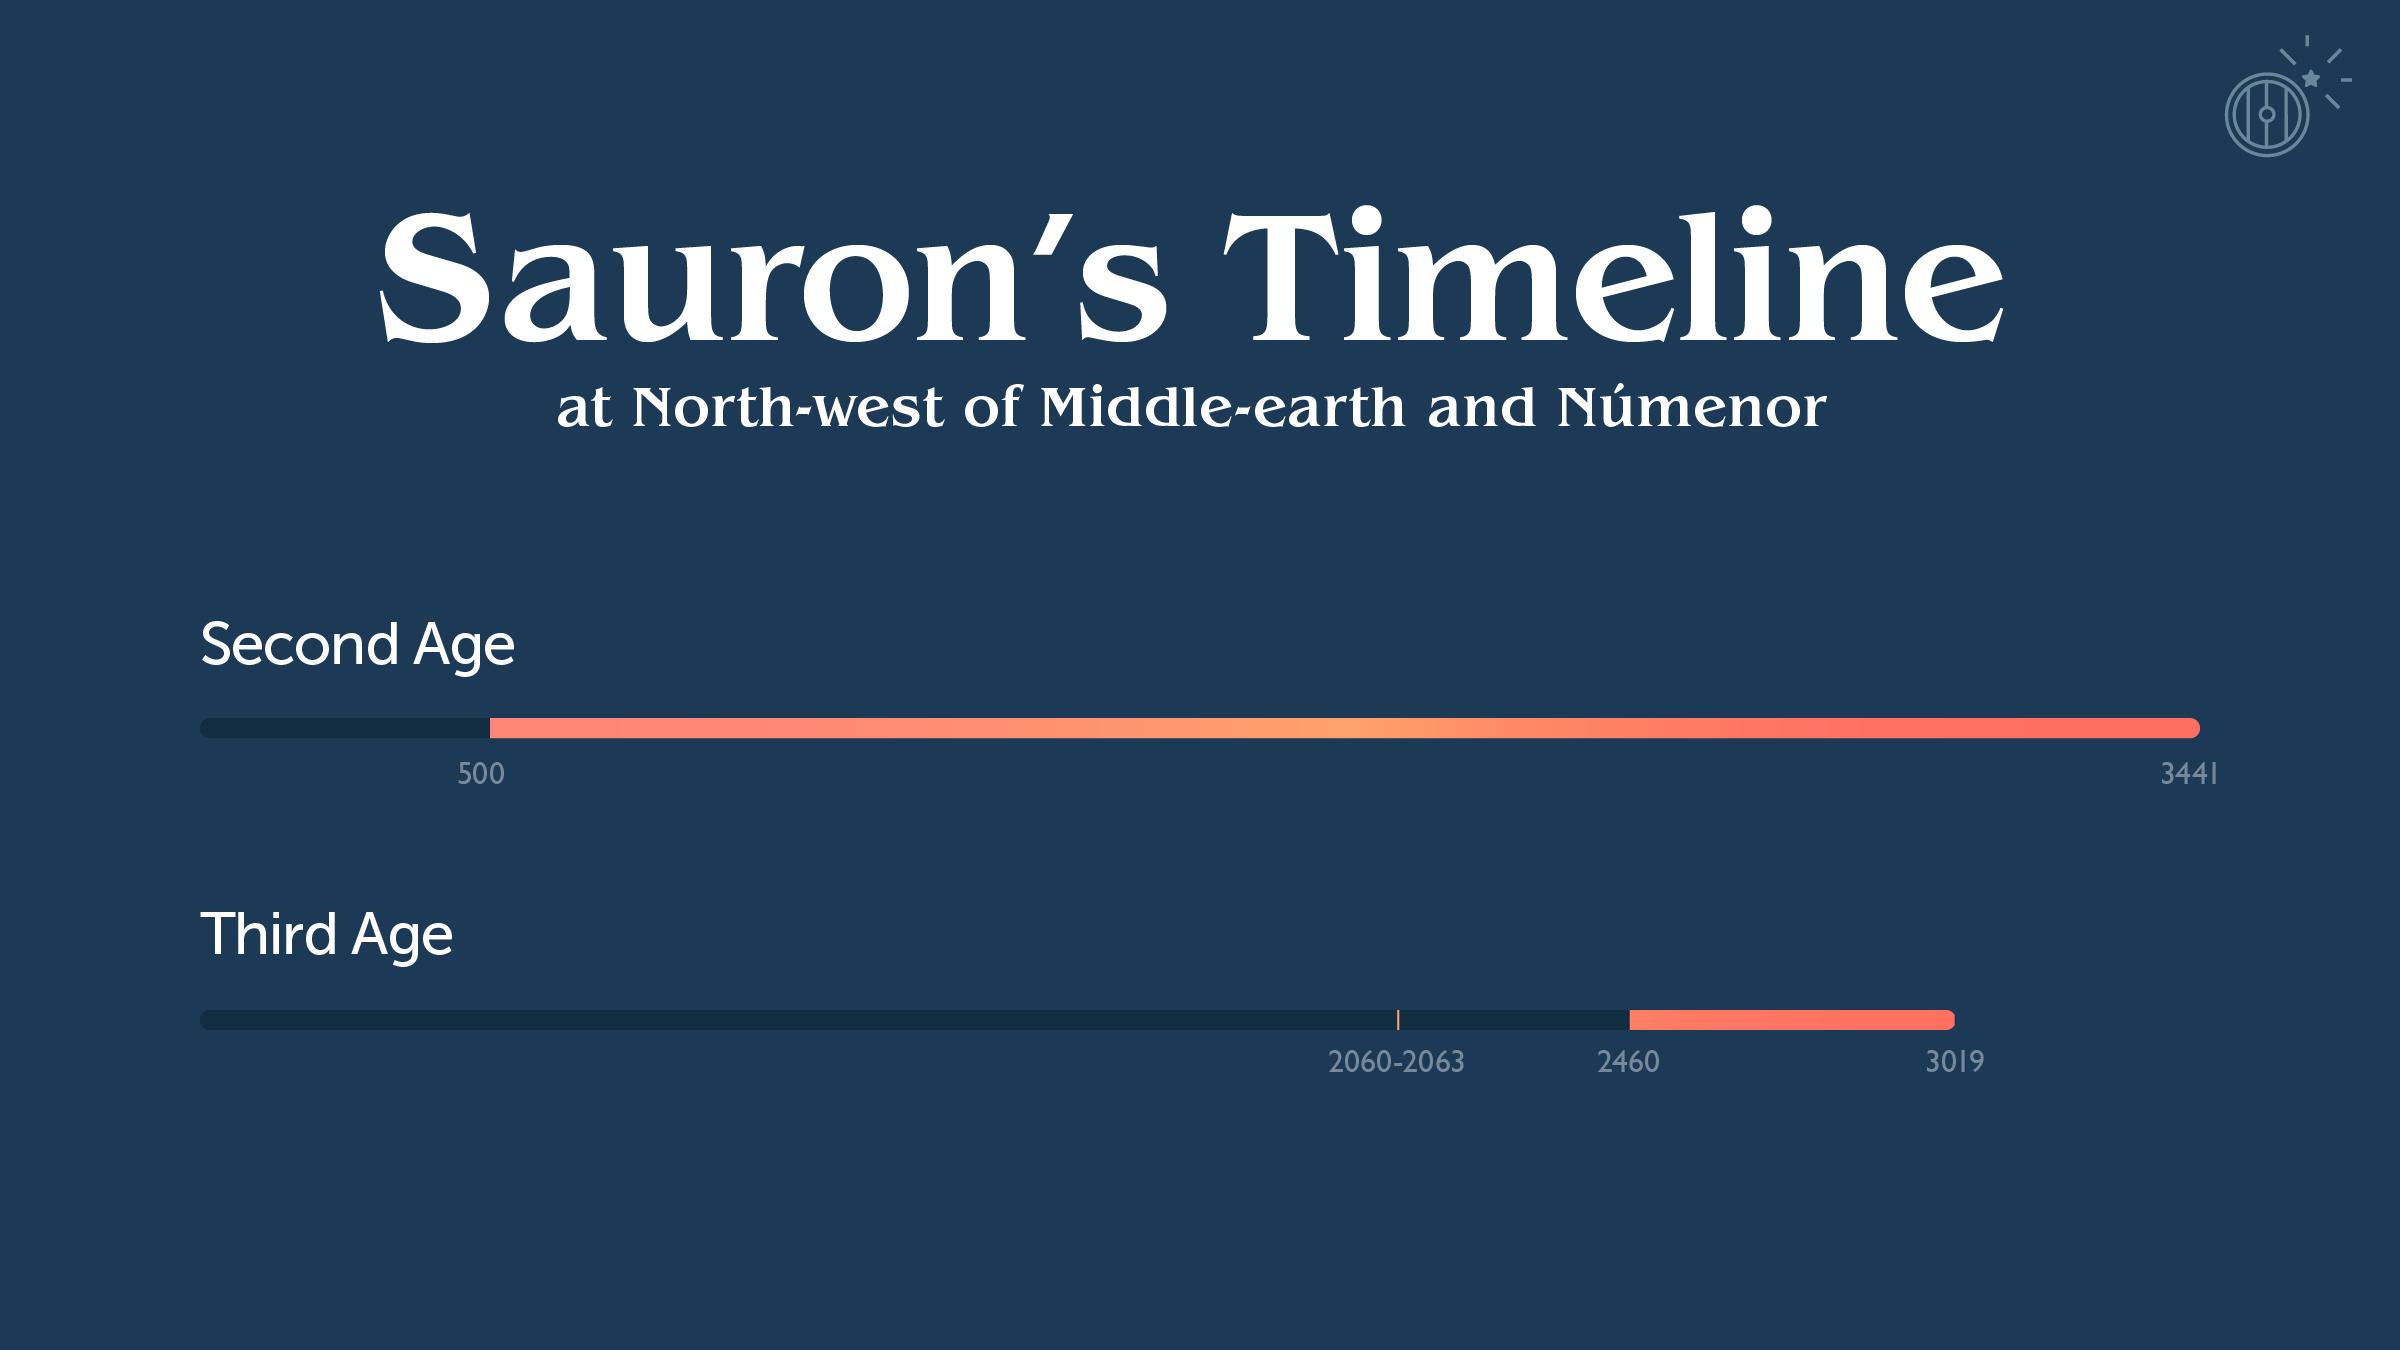 サウロンのタイムライン